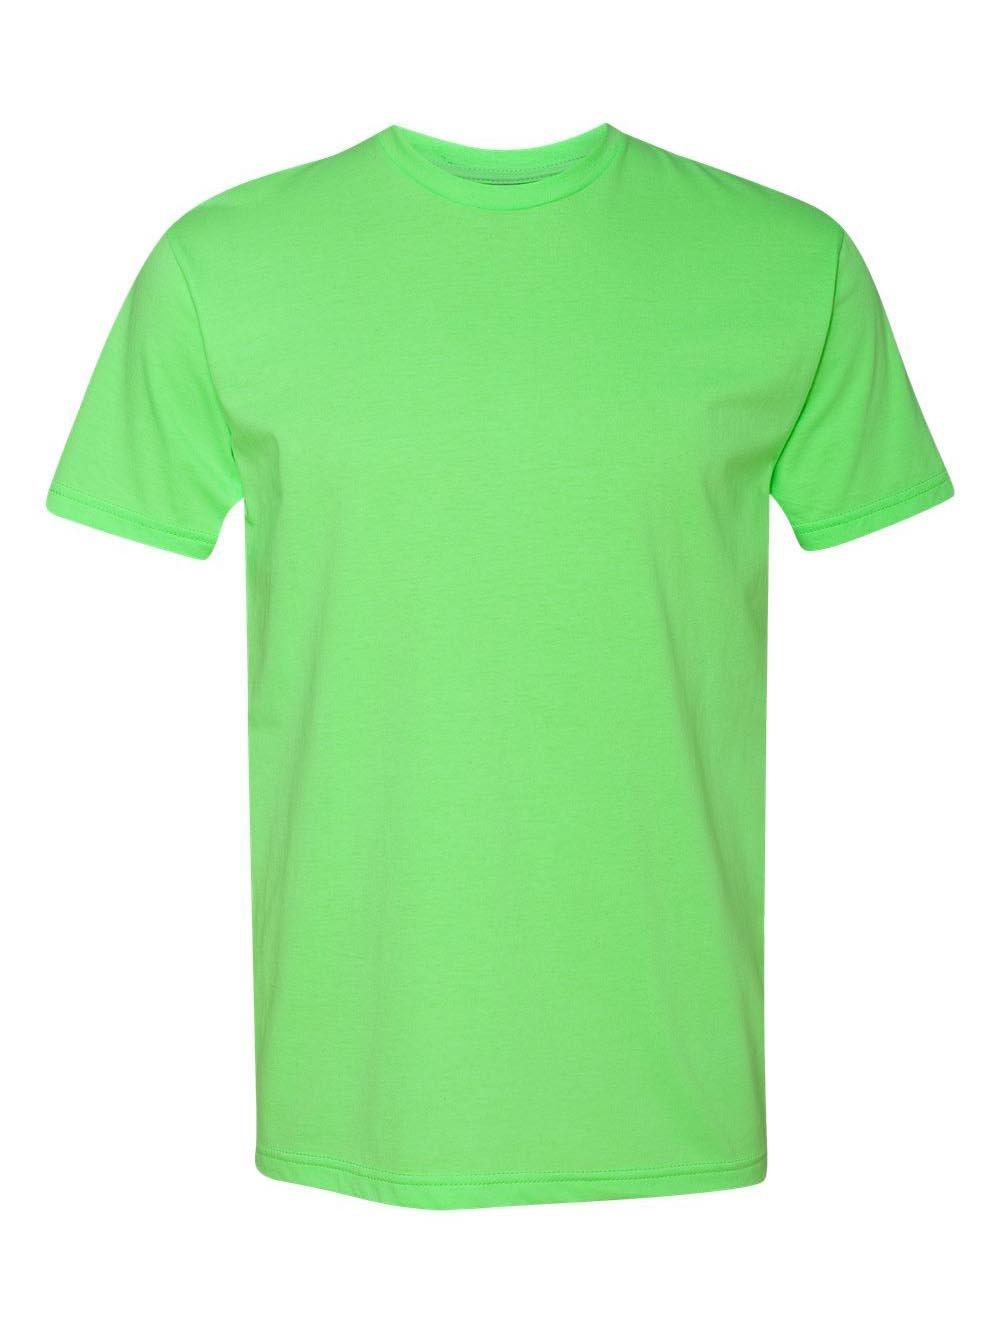 Next Level Apparel メンズ CVC クルーネック ジャージ Tシャツ B07D2KX4R2 Small|ネオングリーン ネオングリーン Small